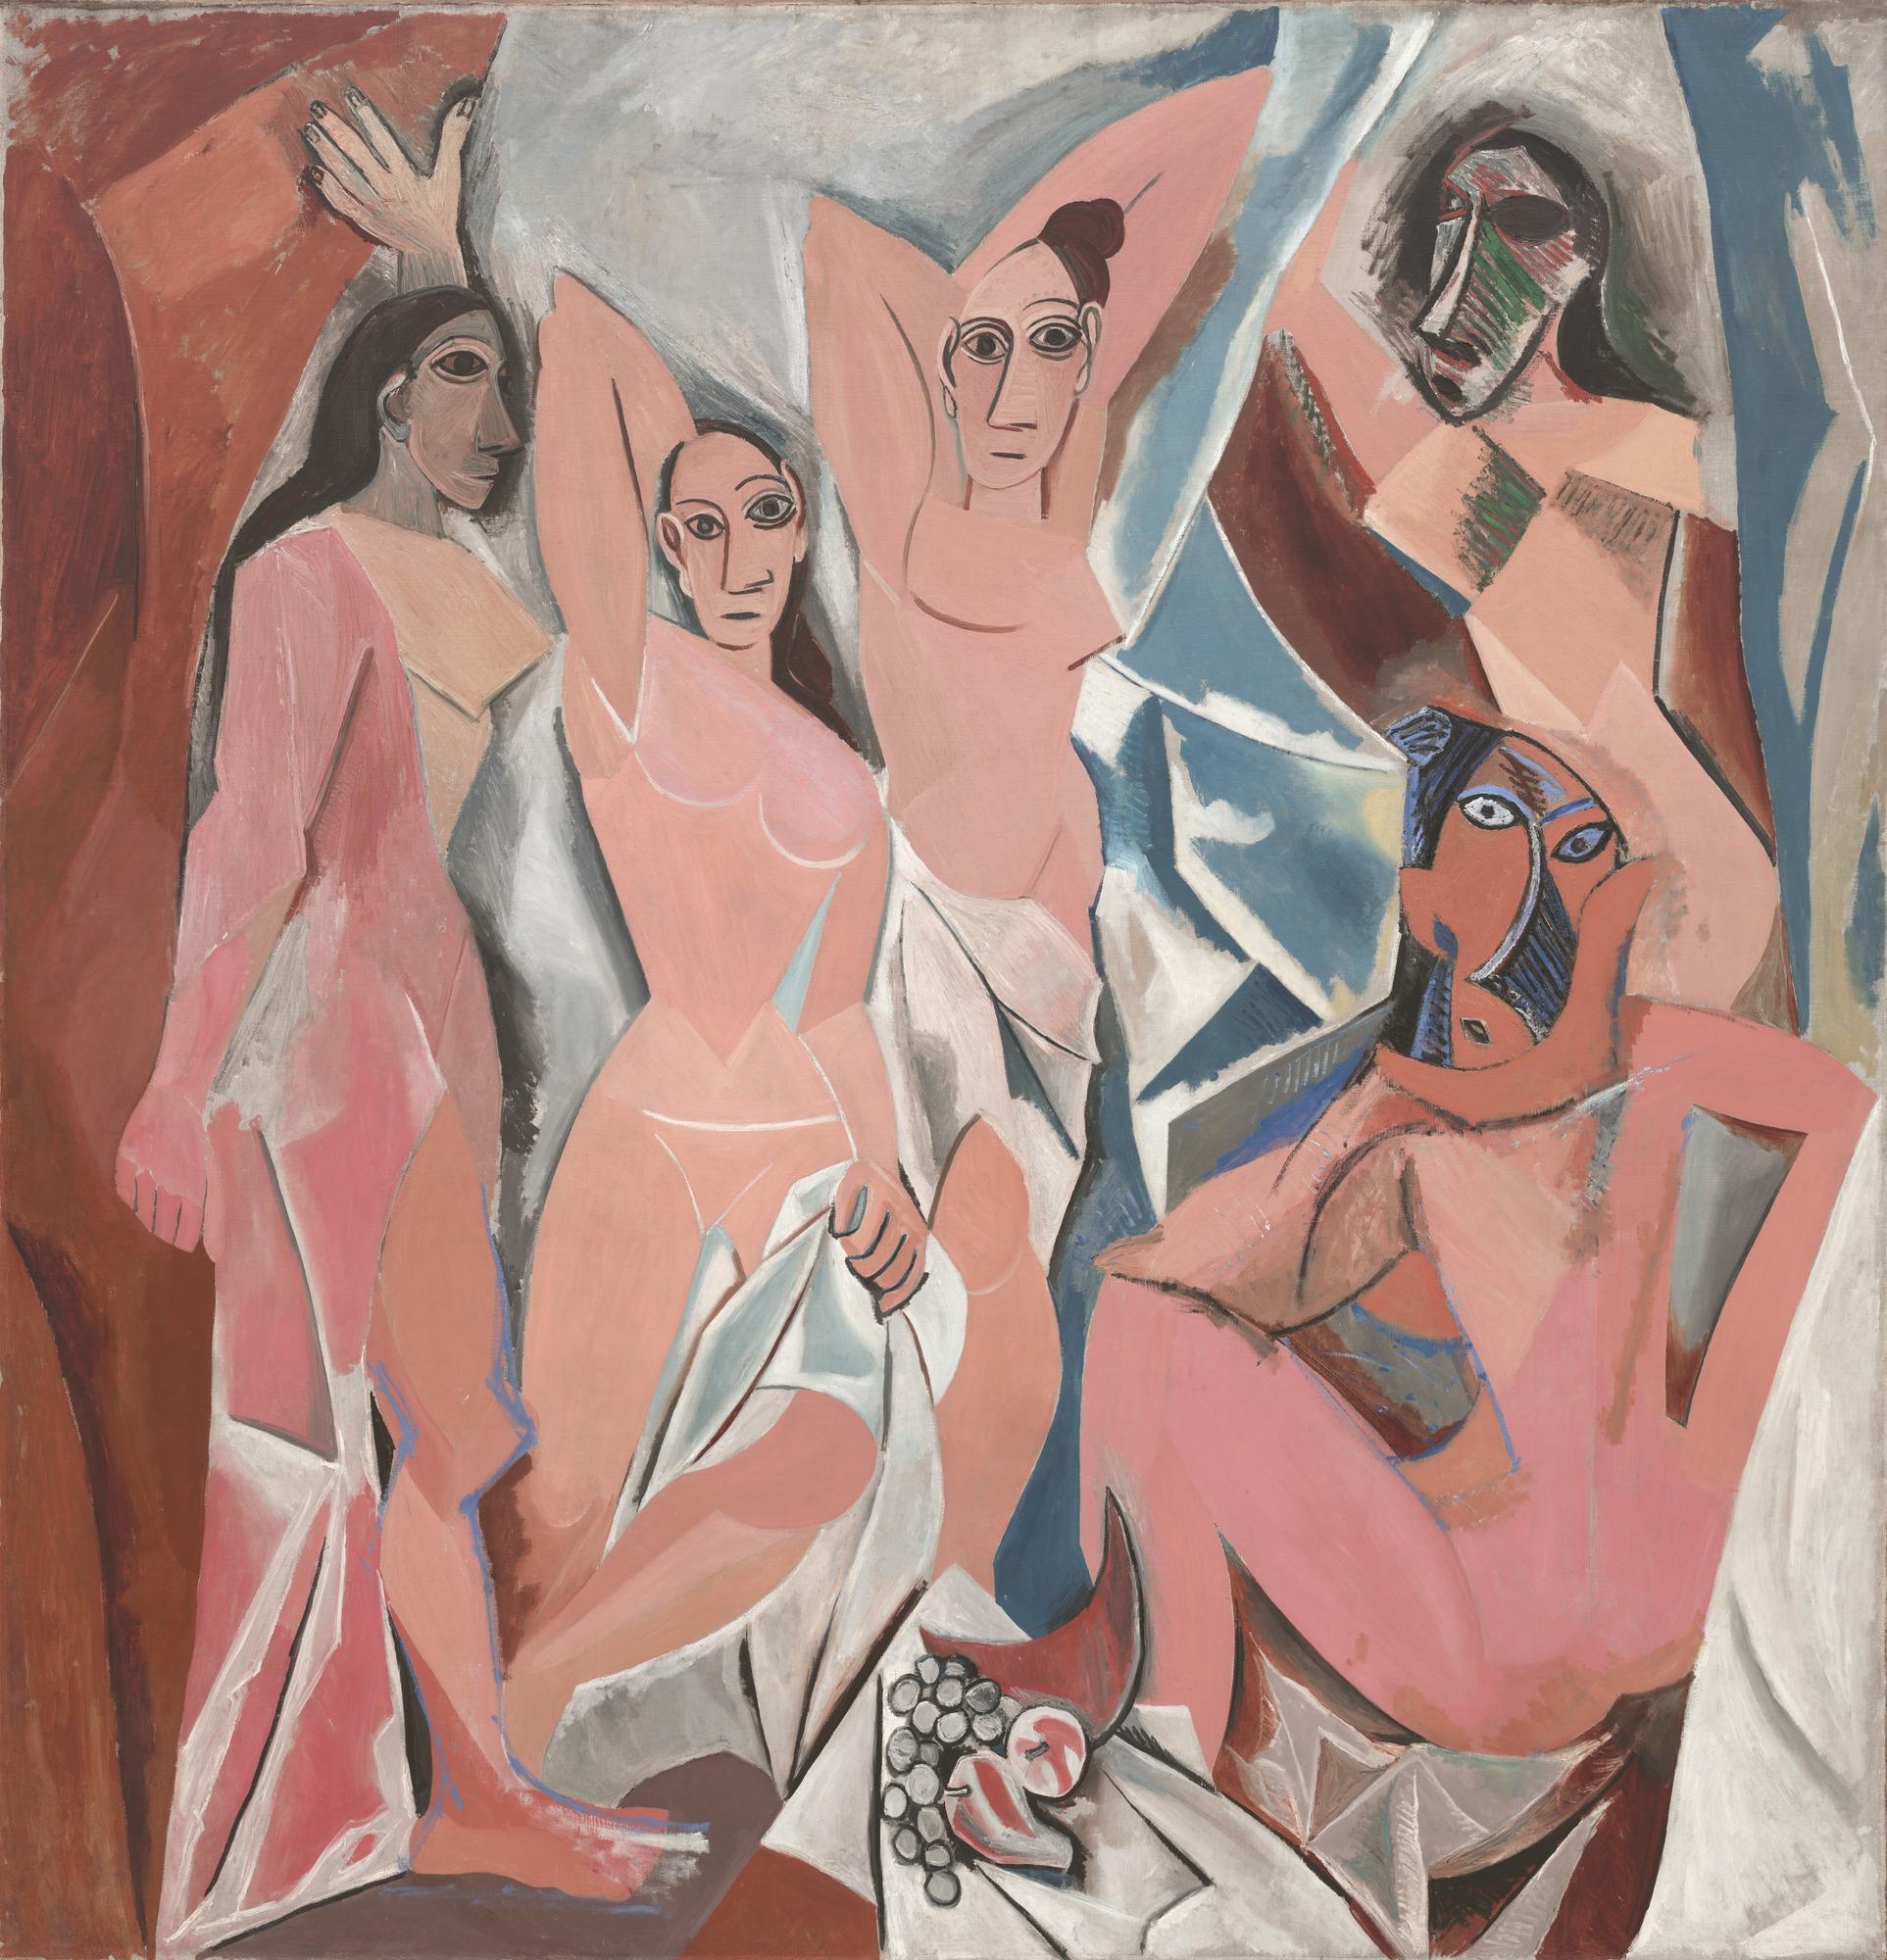 Les Demoiselles d'Avignon  (The Young Ladies of Avignon) by Pablo Picasso, 1907.